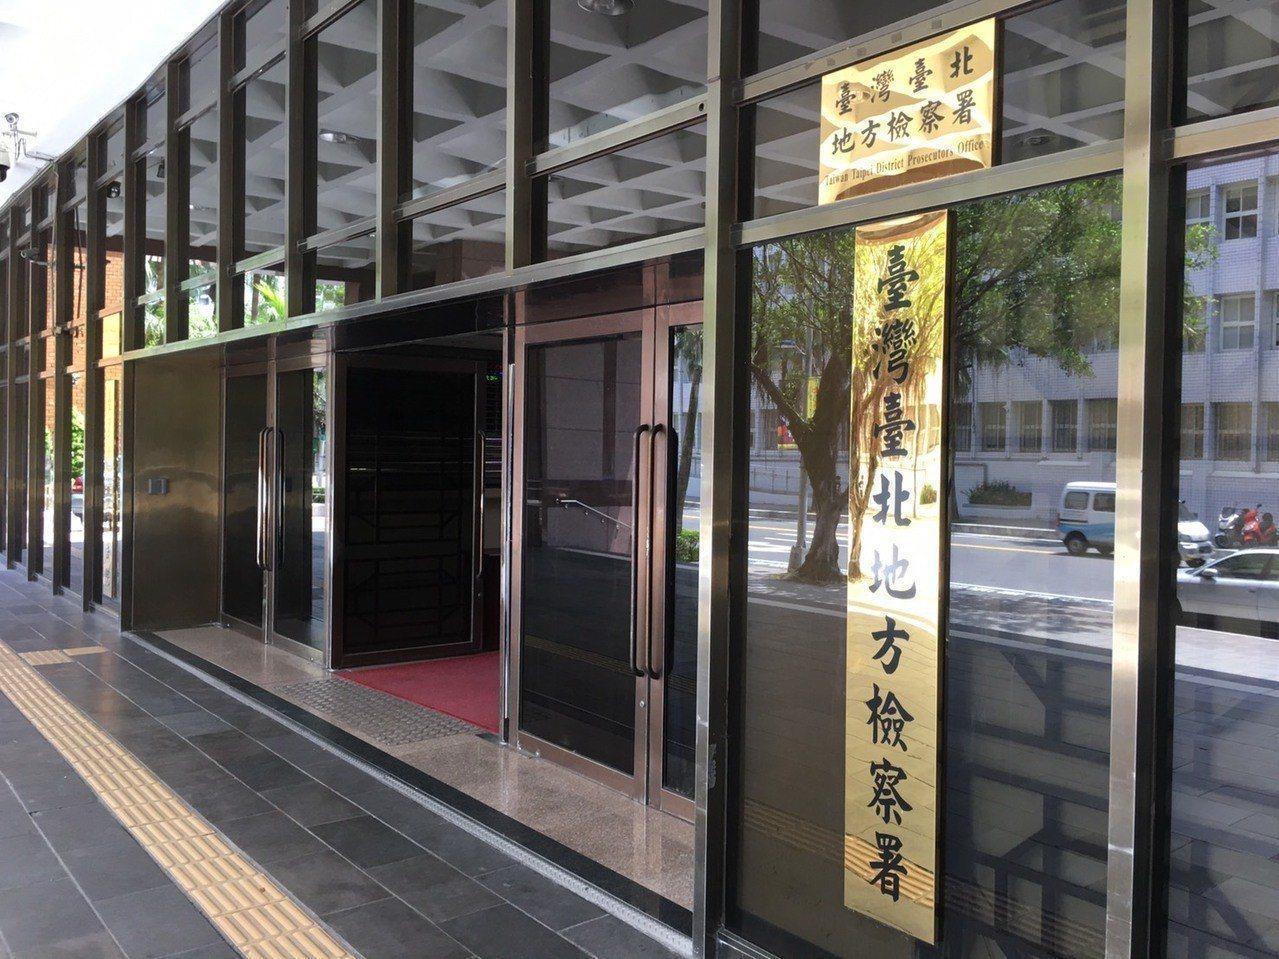 台北地檢署。本報資料照片